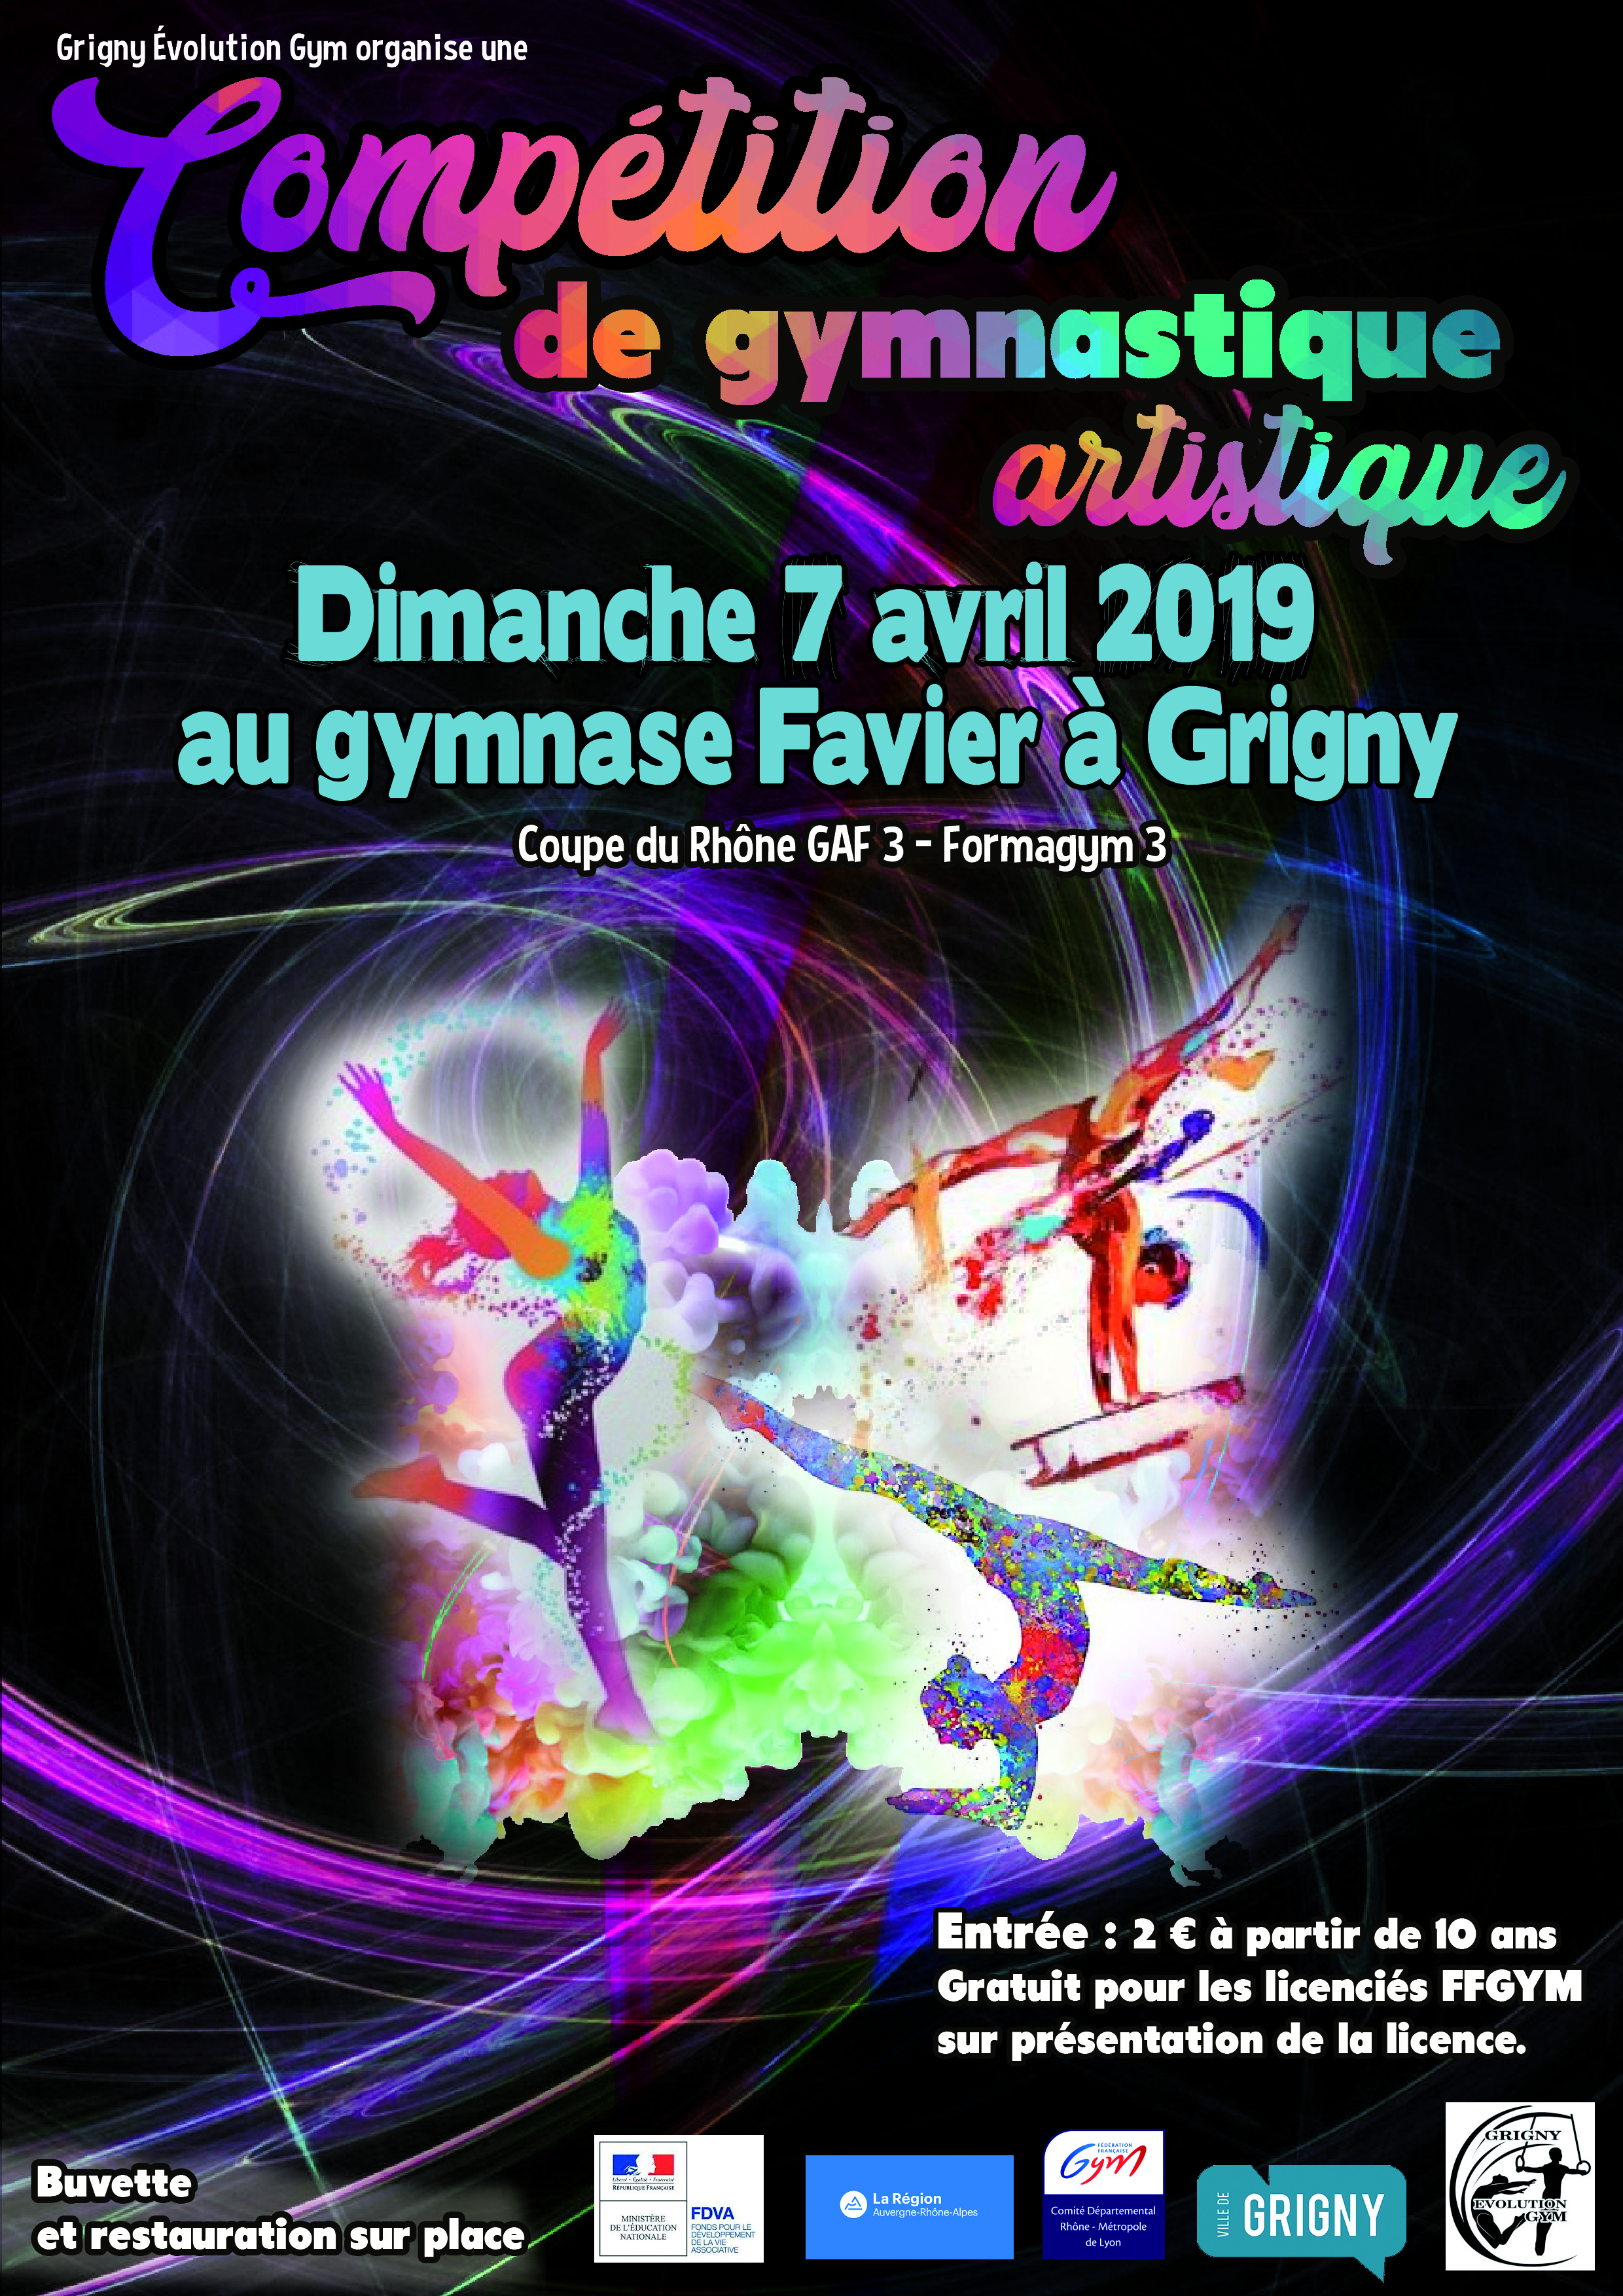 Compétition de gymnastique le dimanche 7 avril au Gymnase Favier